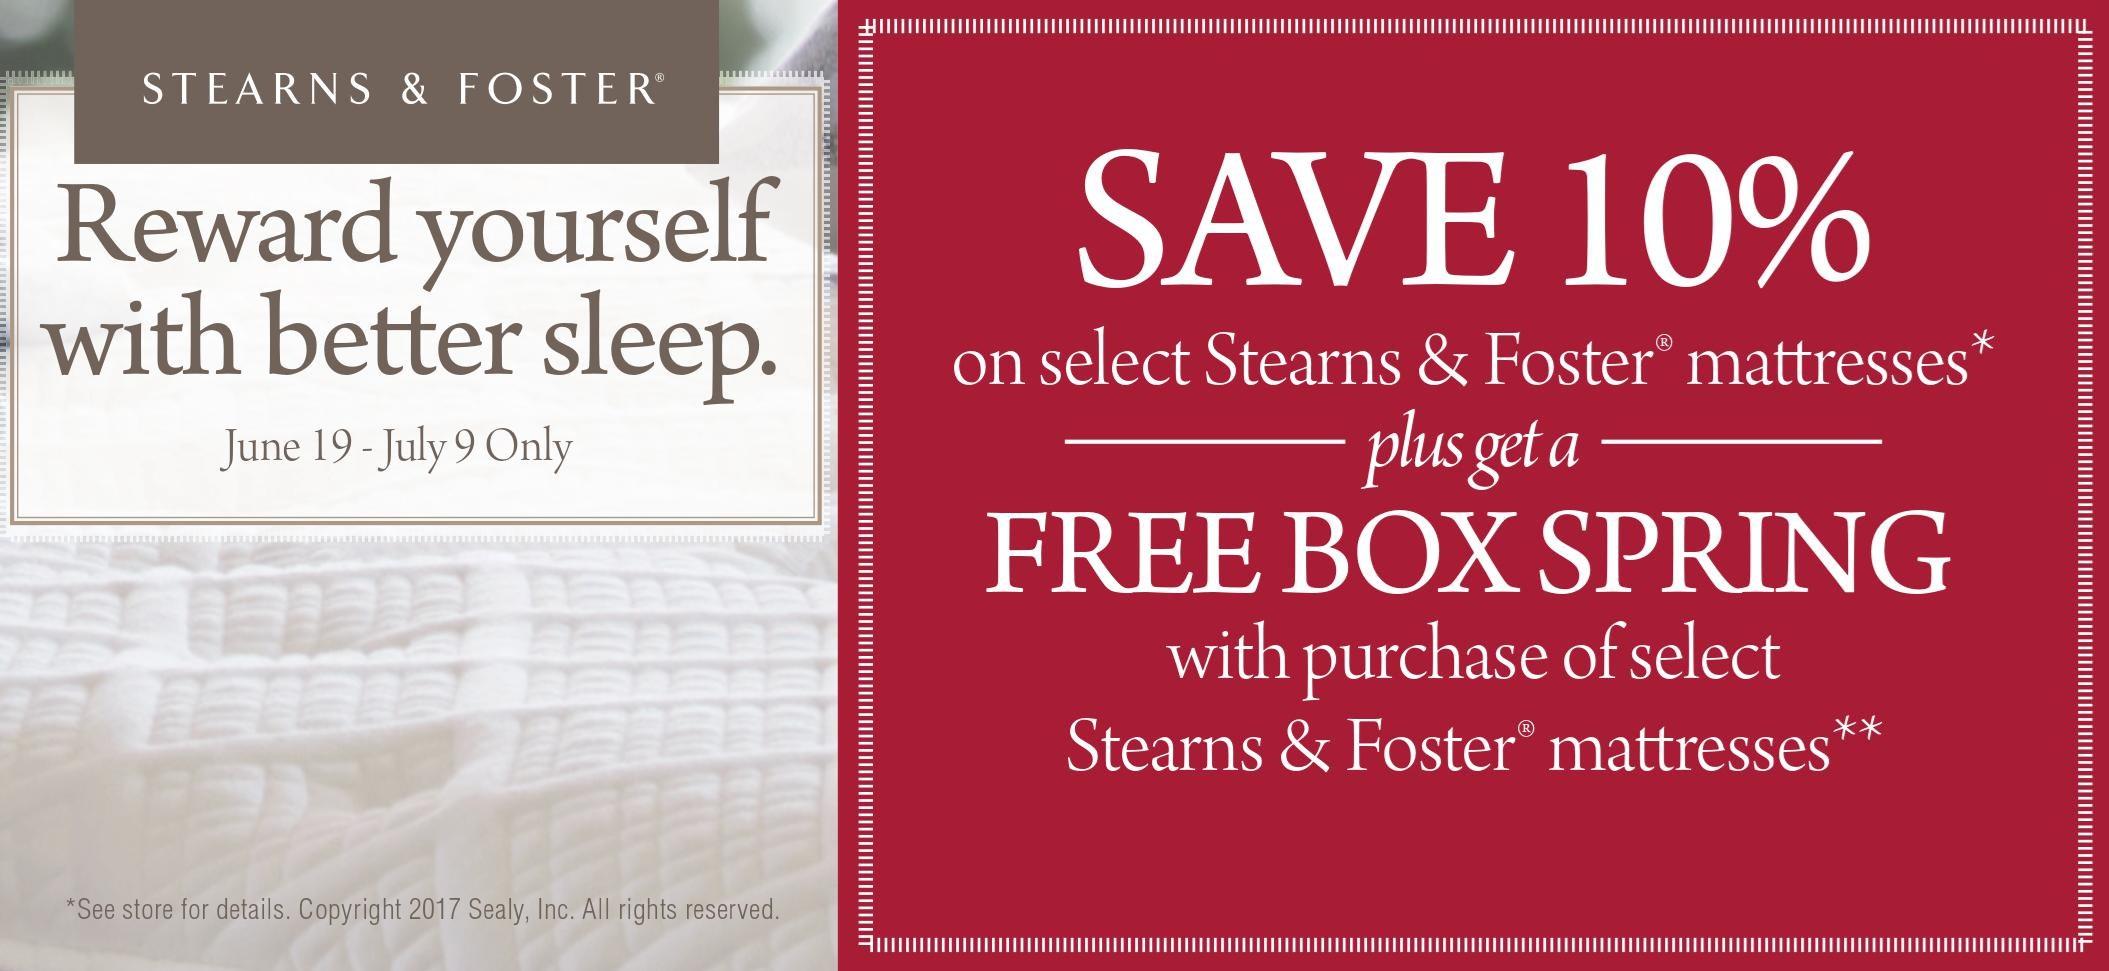 Stearns & Foster Mattress Savings